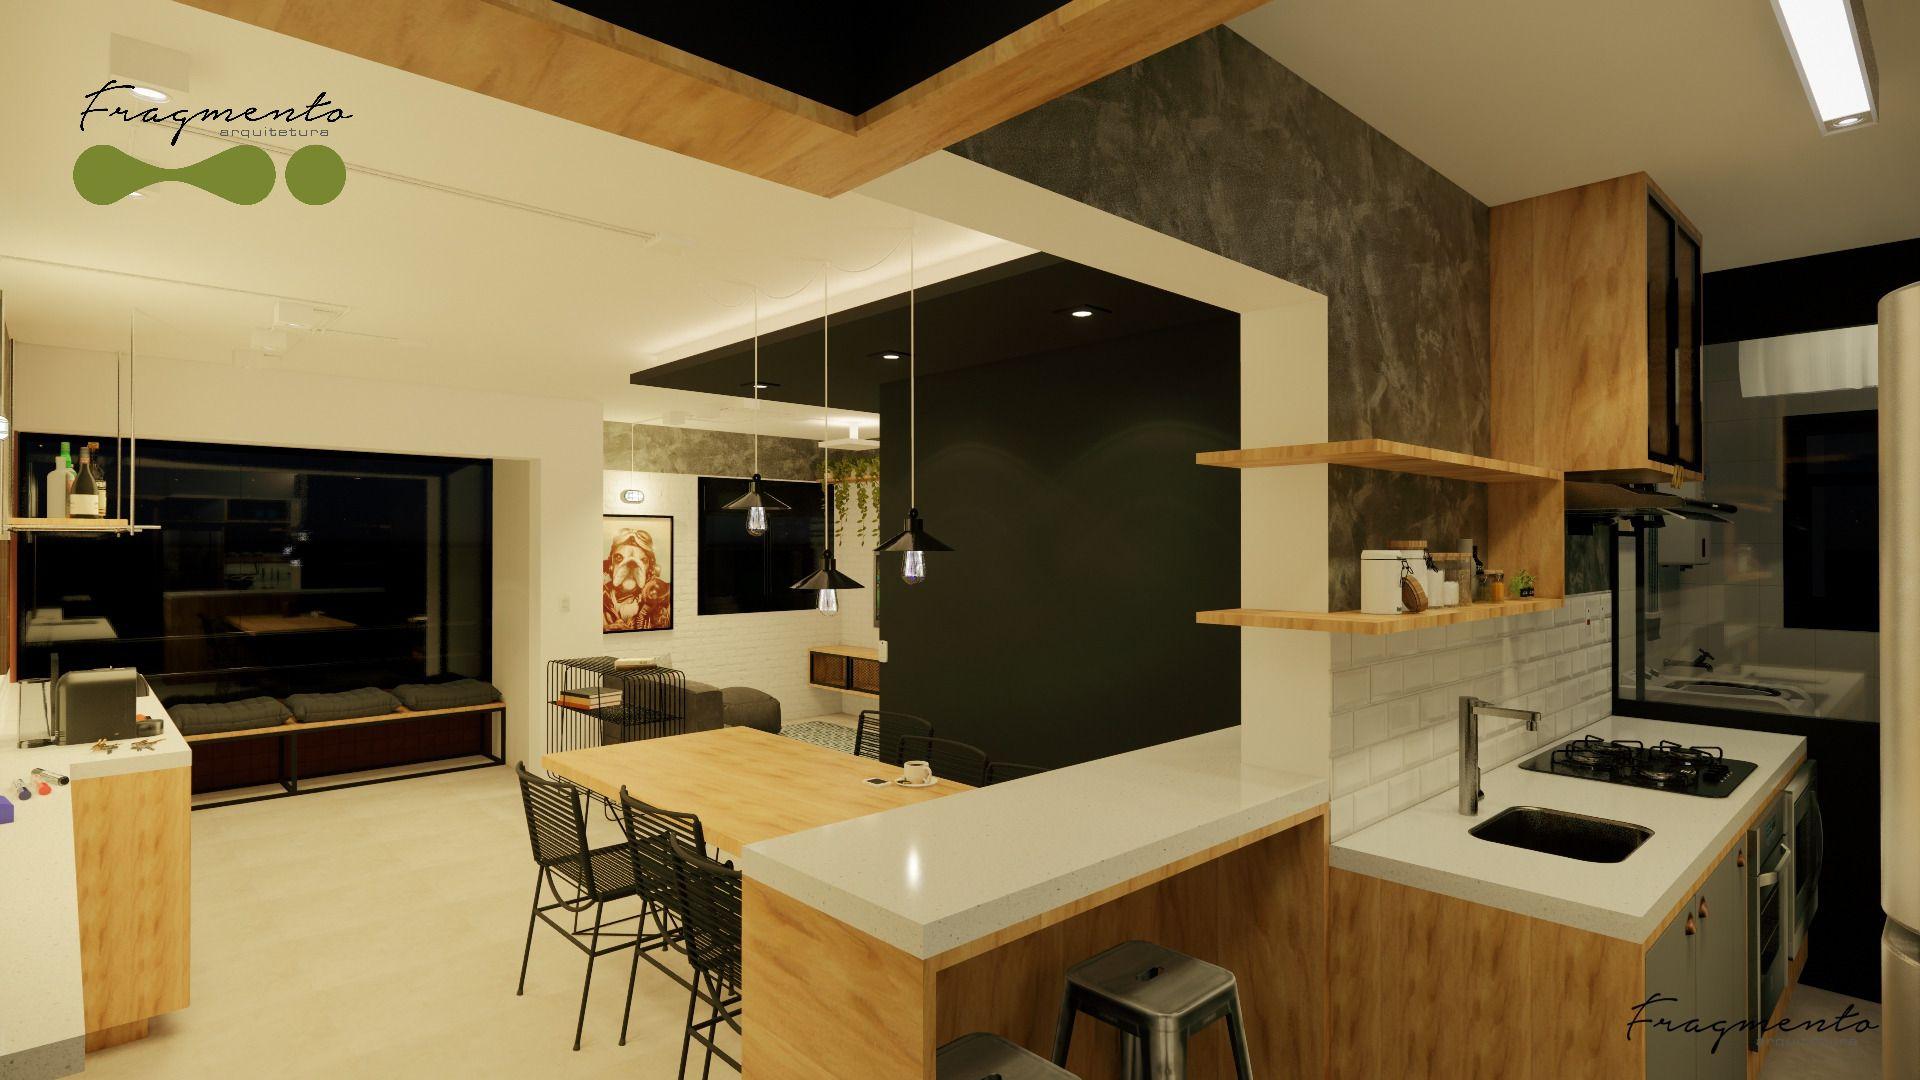 Photo of Cocina integrada por Fragmento Arquitetura